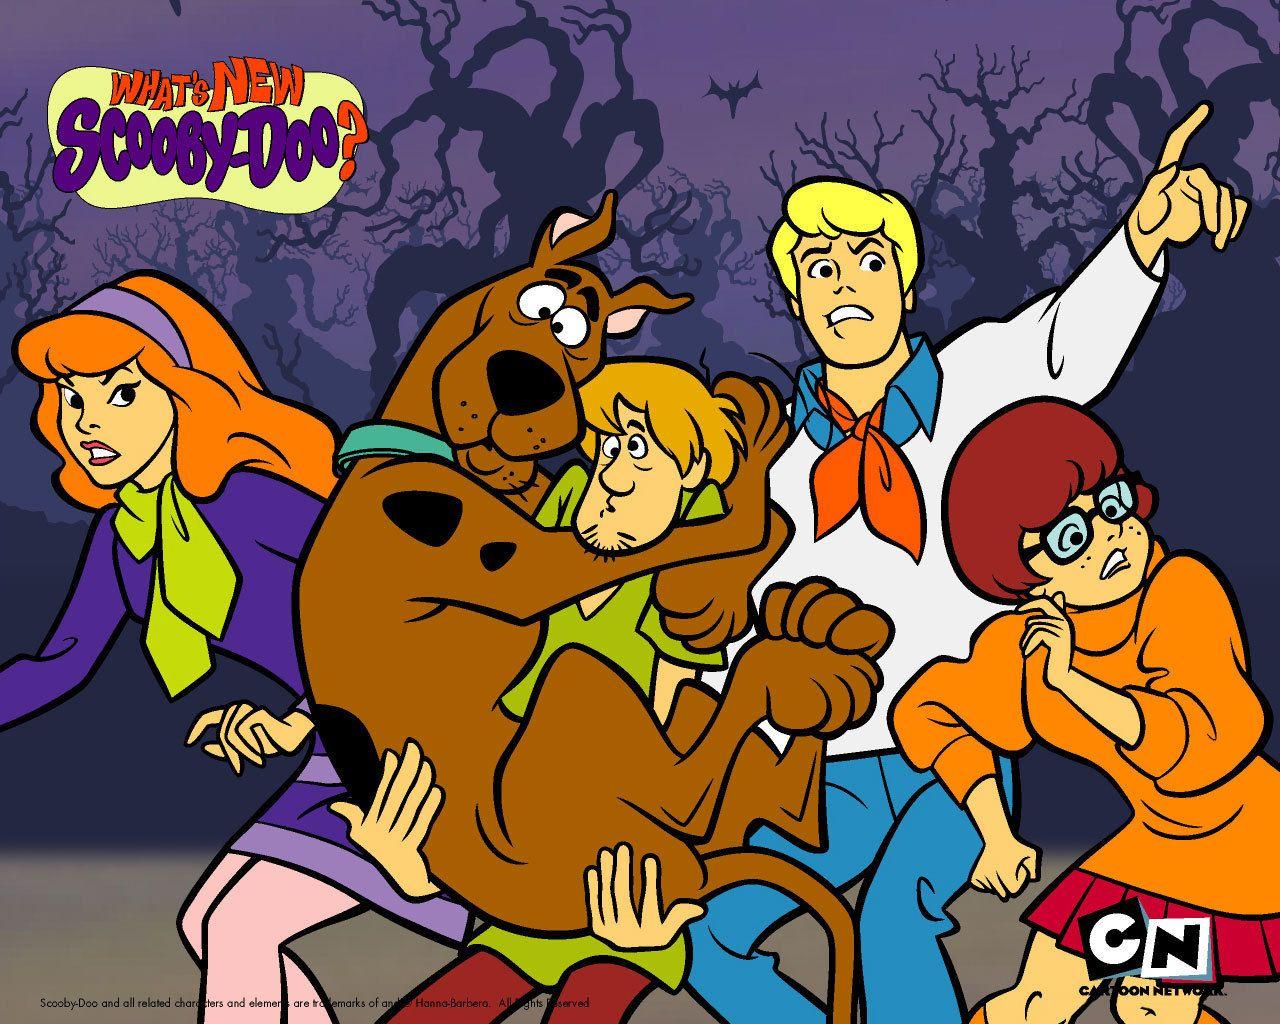 Scooby Doo Scooby Doo Wallpaper Whats New Scooby Doo